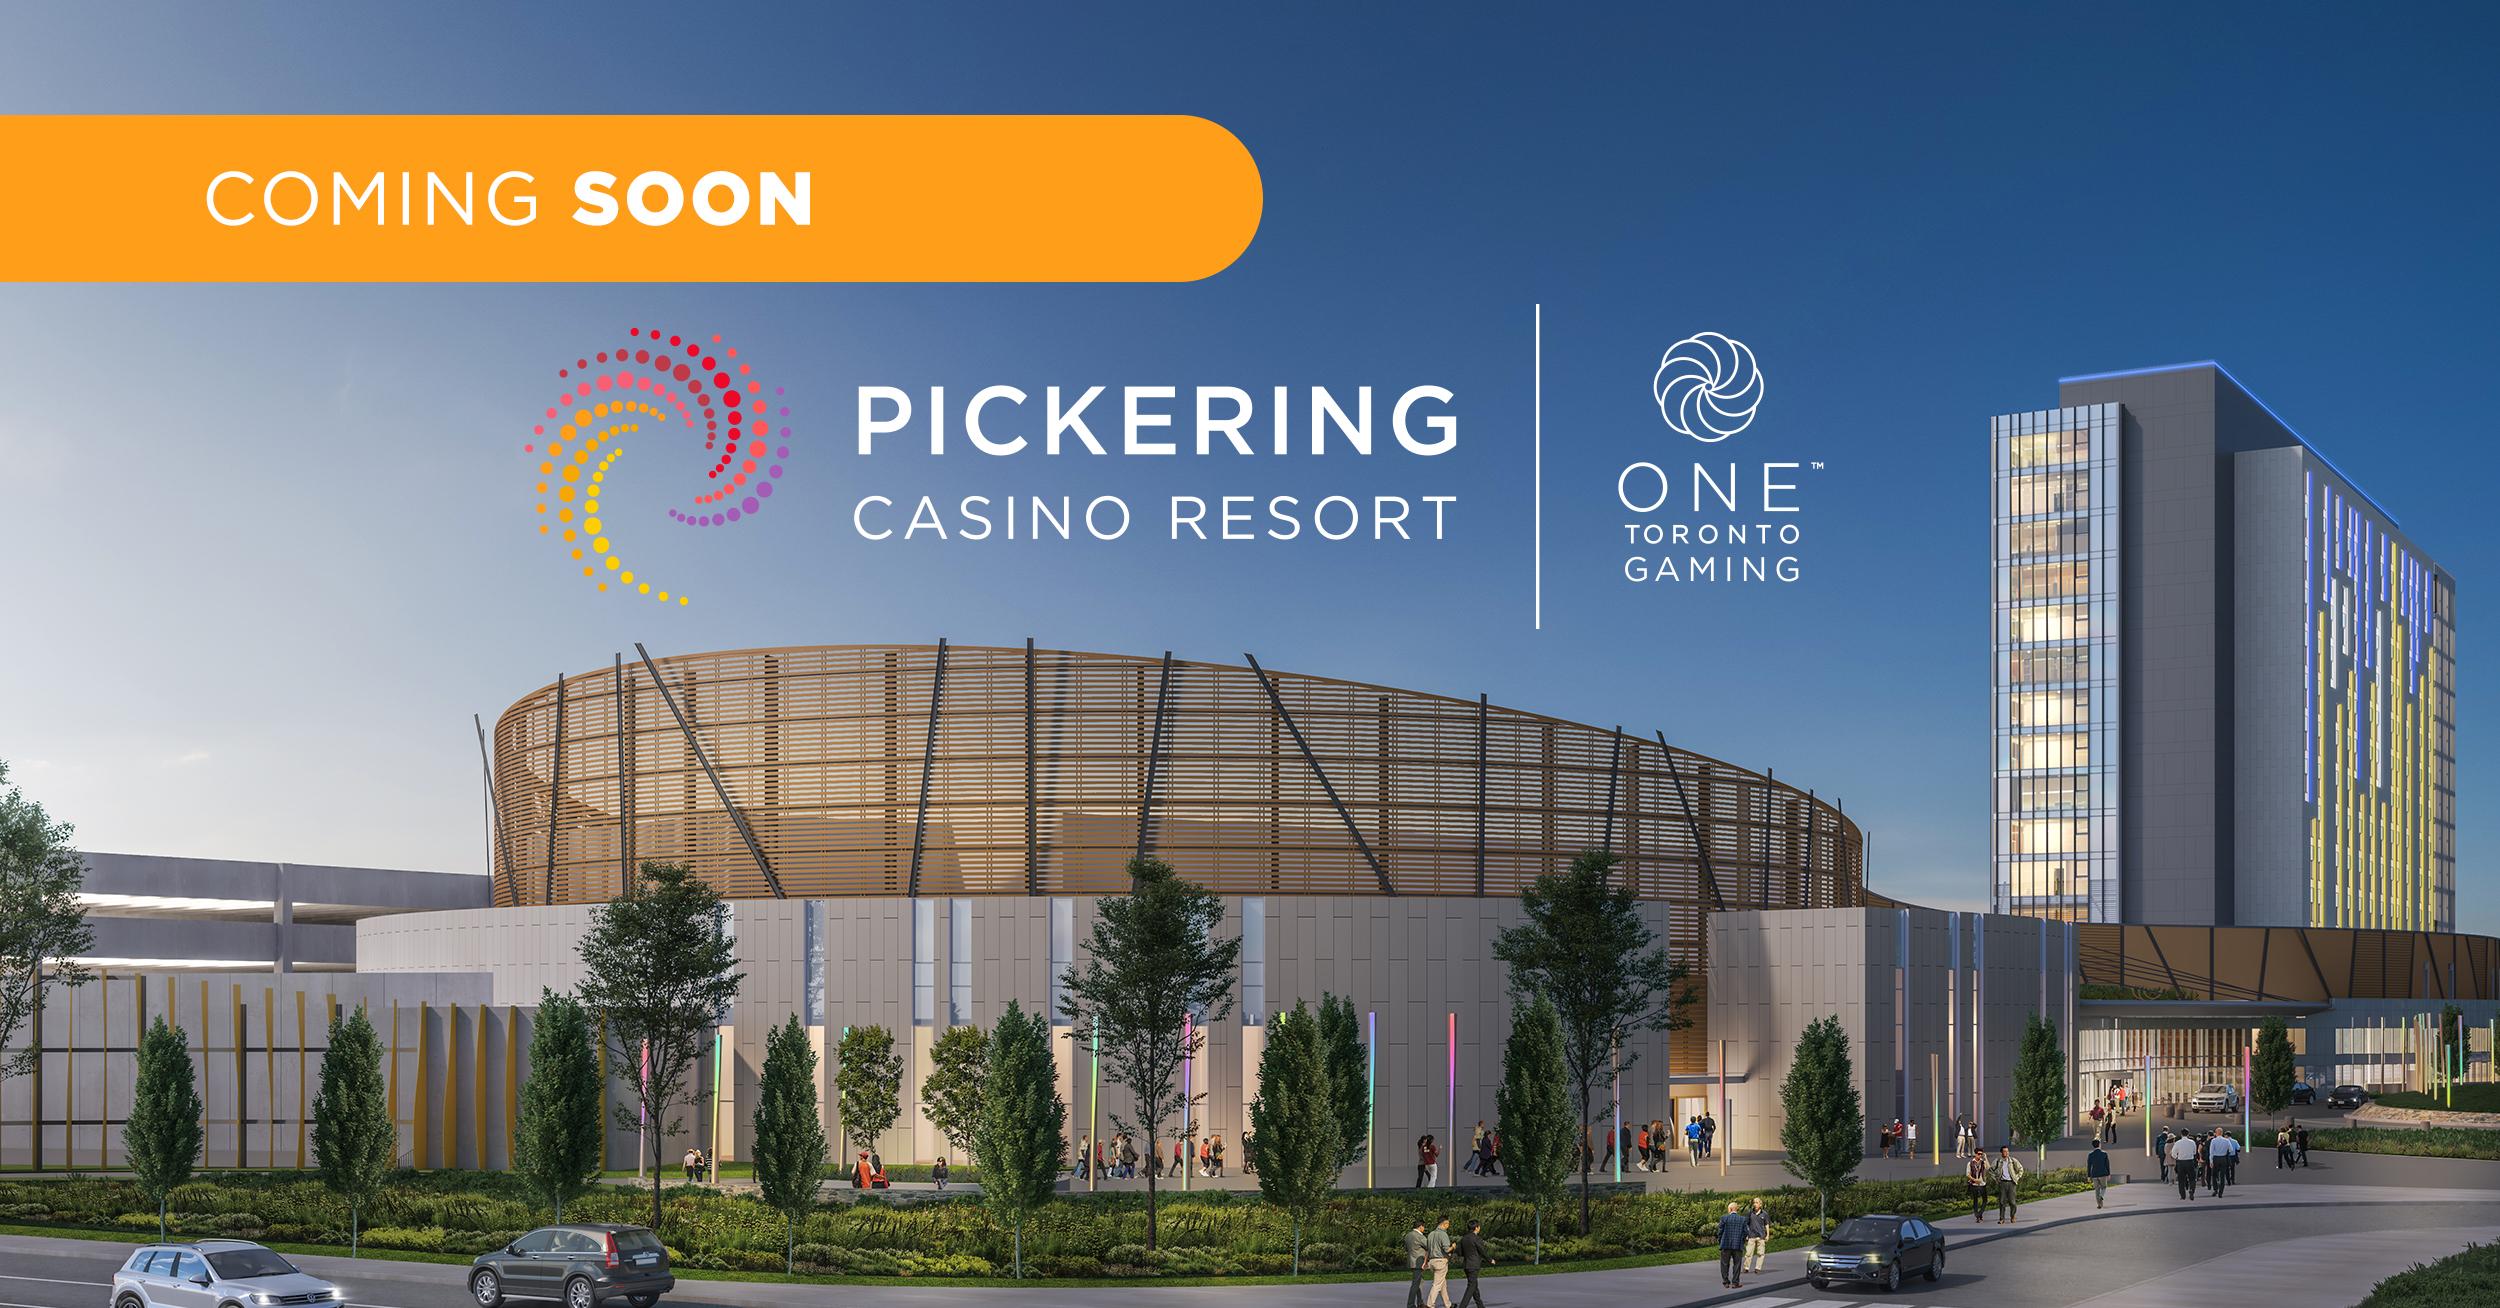 Pickering Casino Resort by One Toronto Gaming